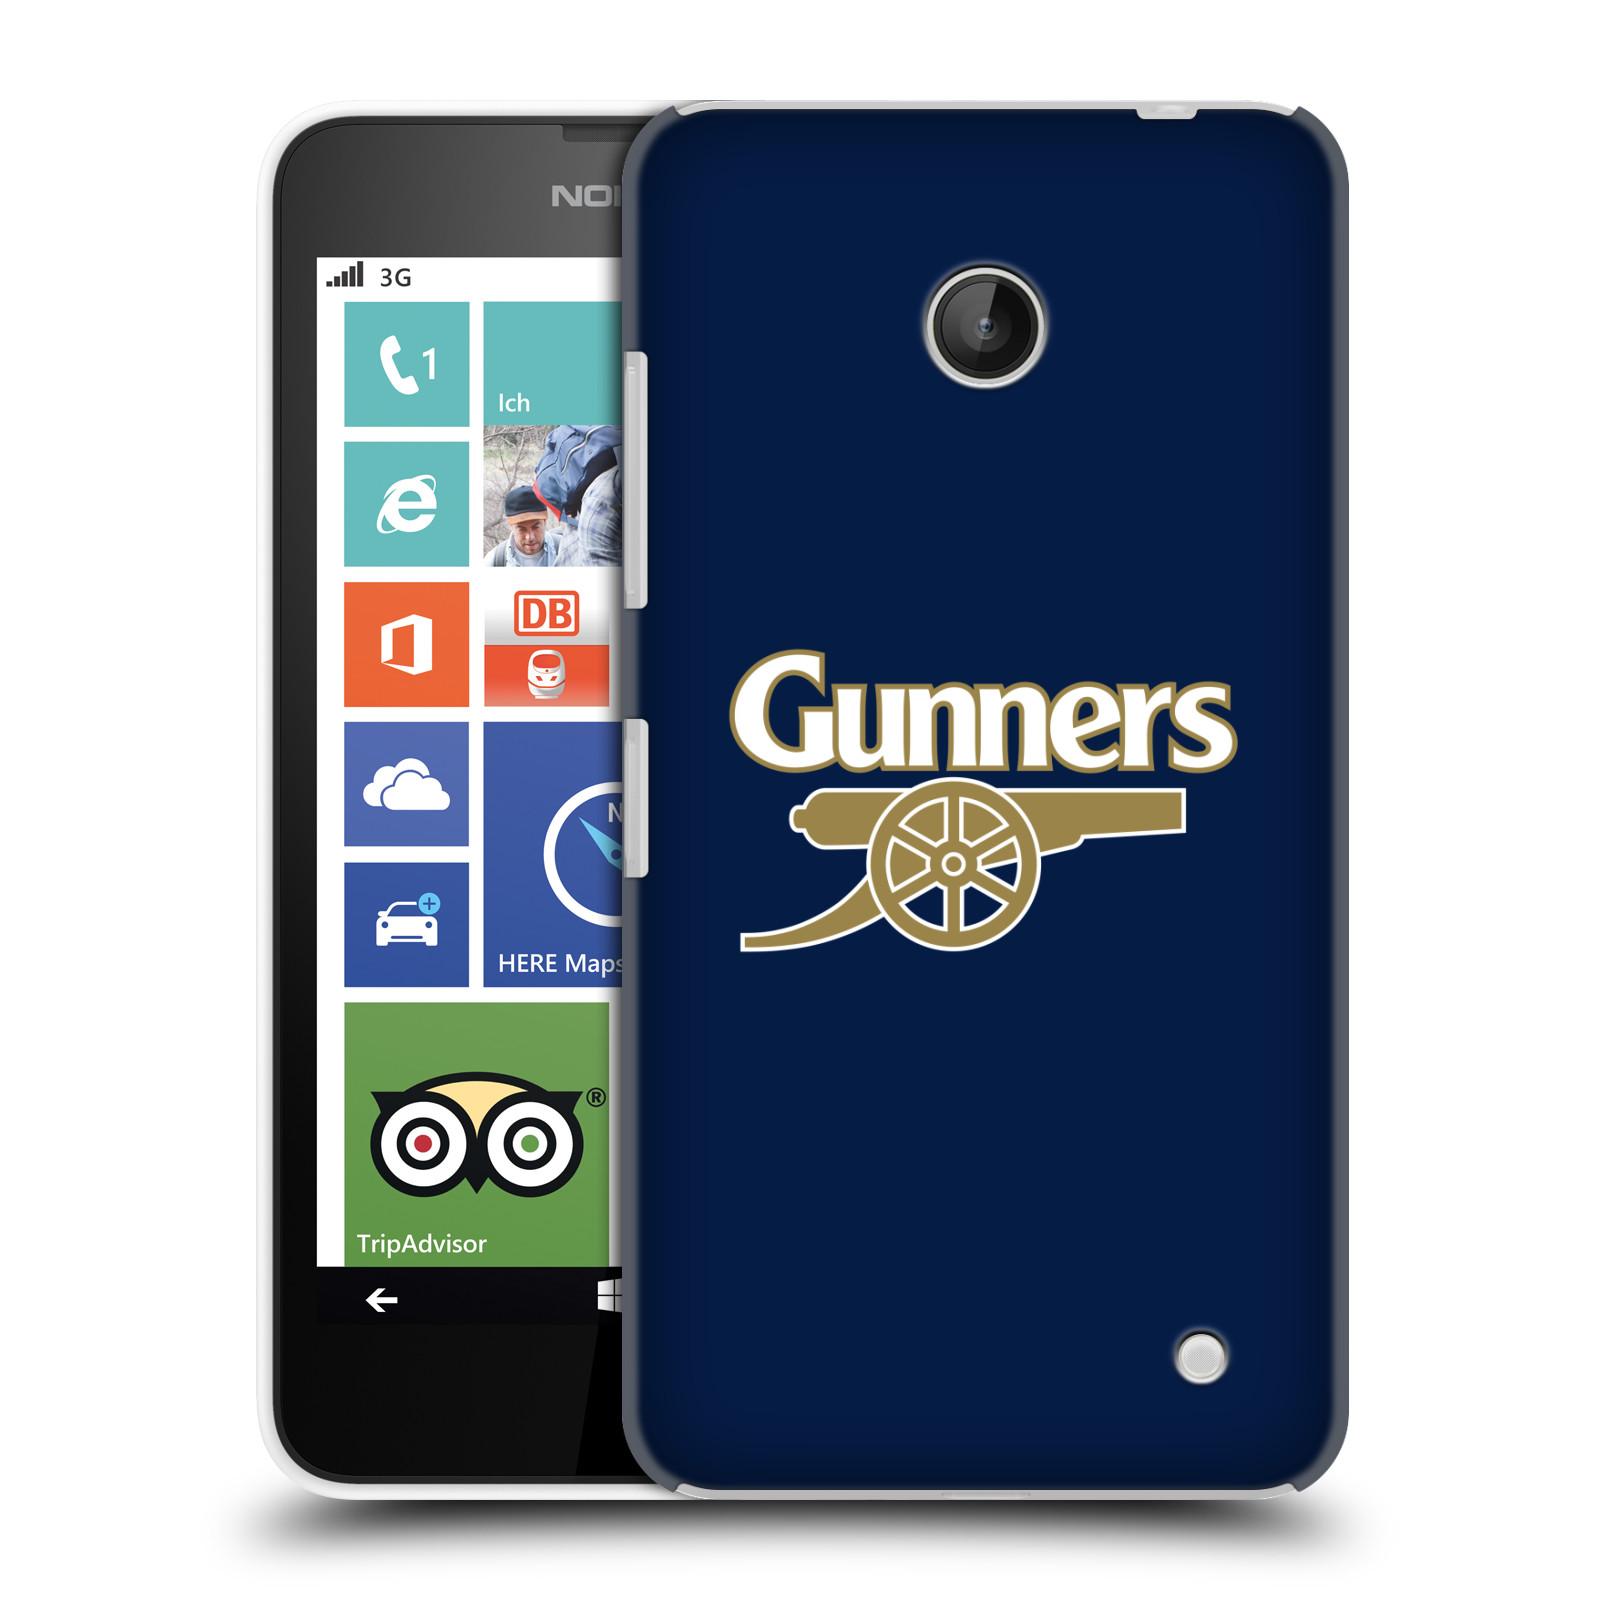 Plastové pouzdro na mobil Nokia Lumia 630 - Head Case - Arsenal FC - Gunners